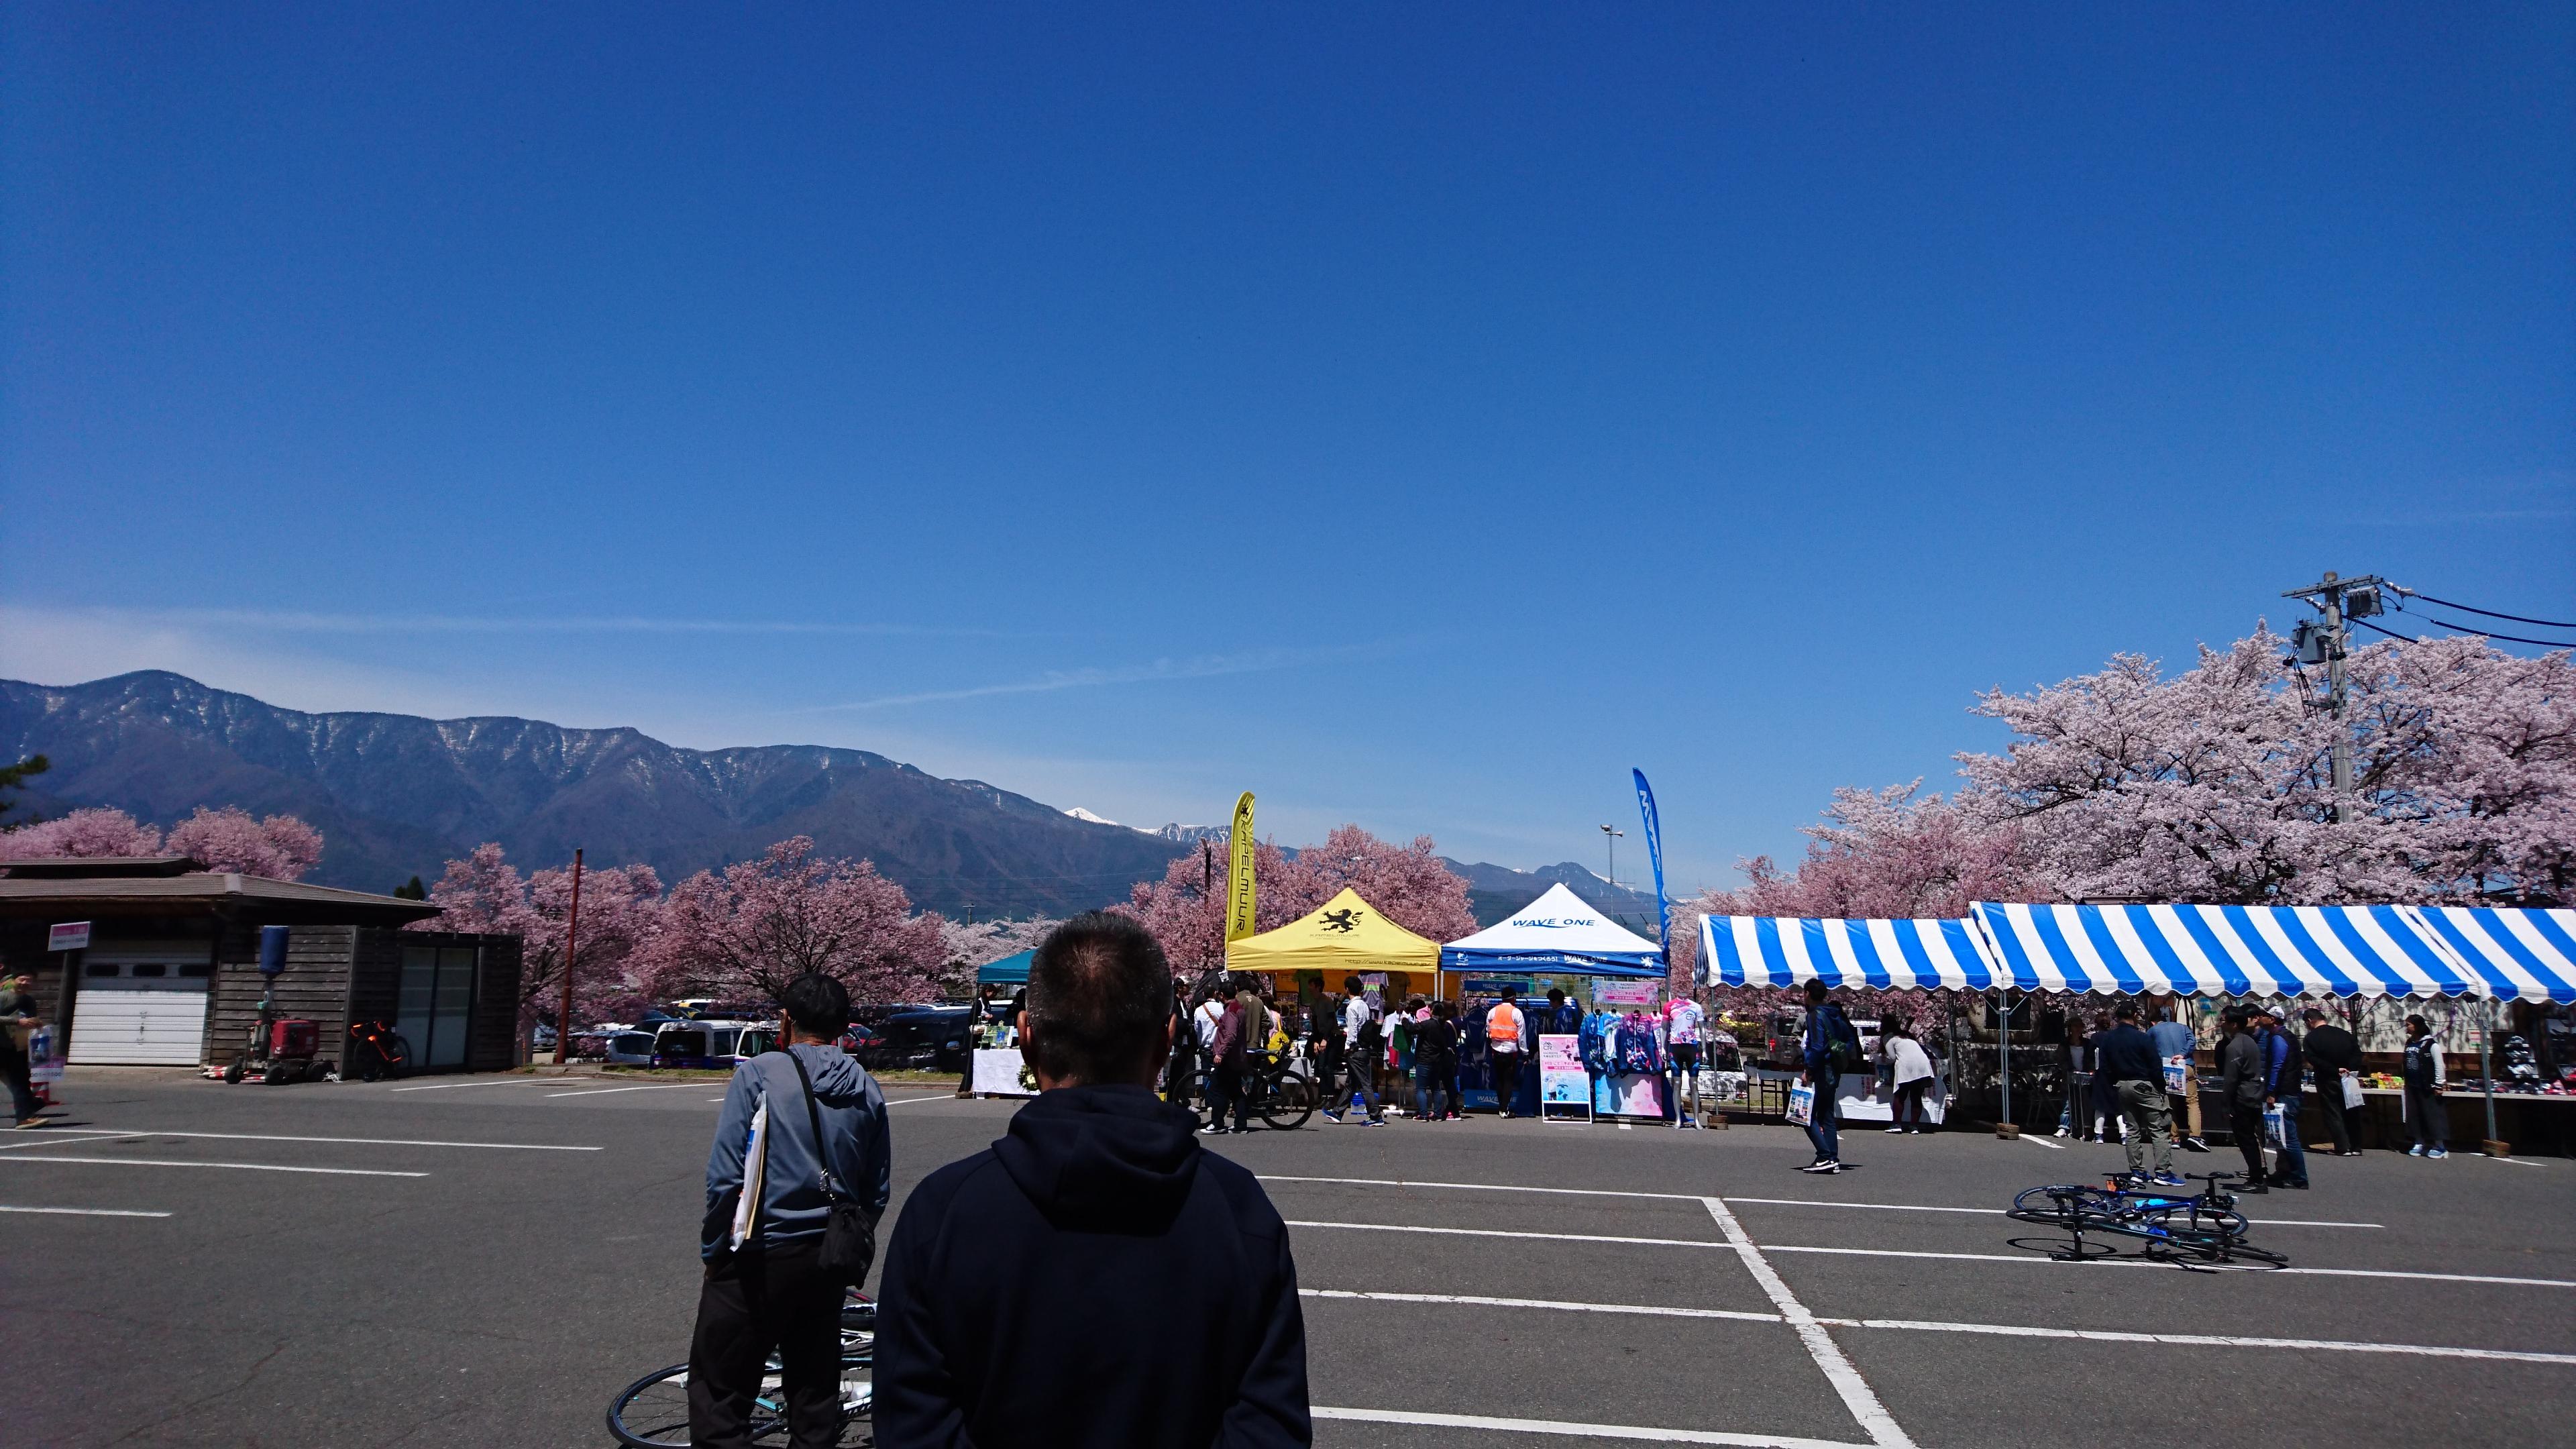 桜のアルプスあづみのセンチュリーライド